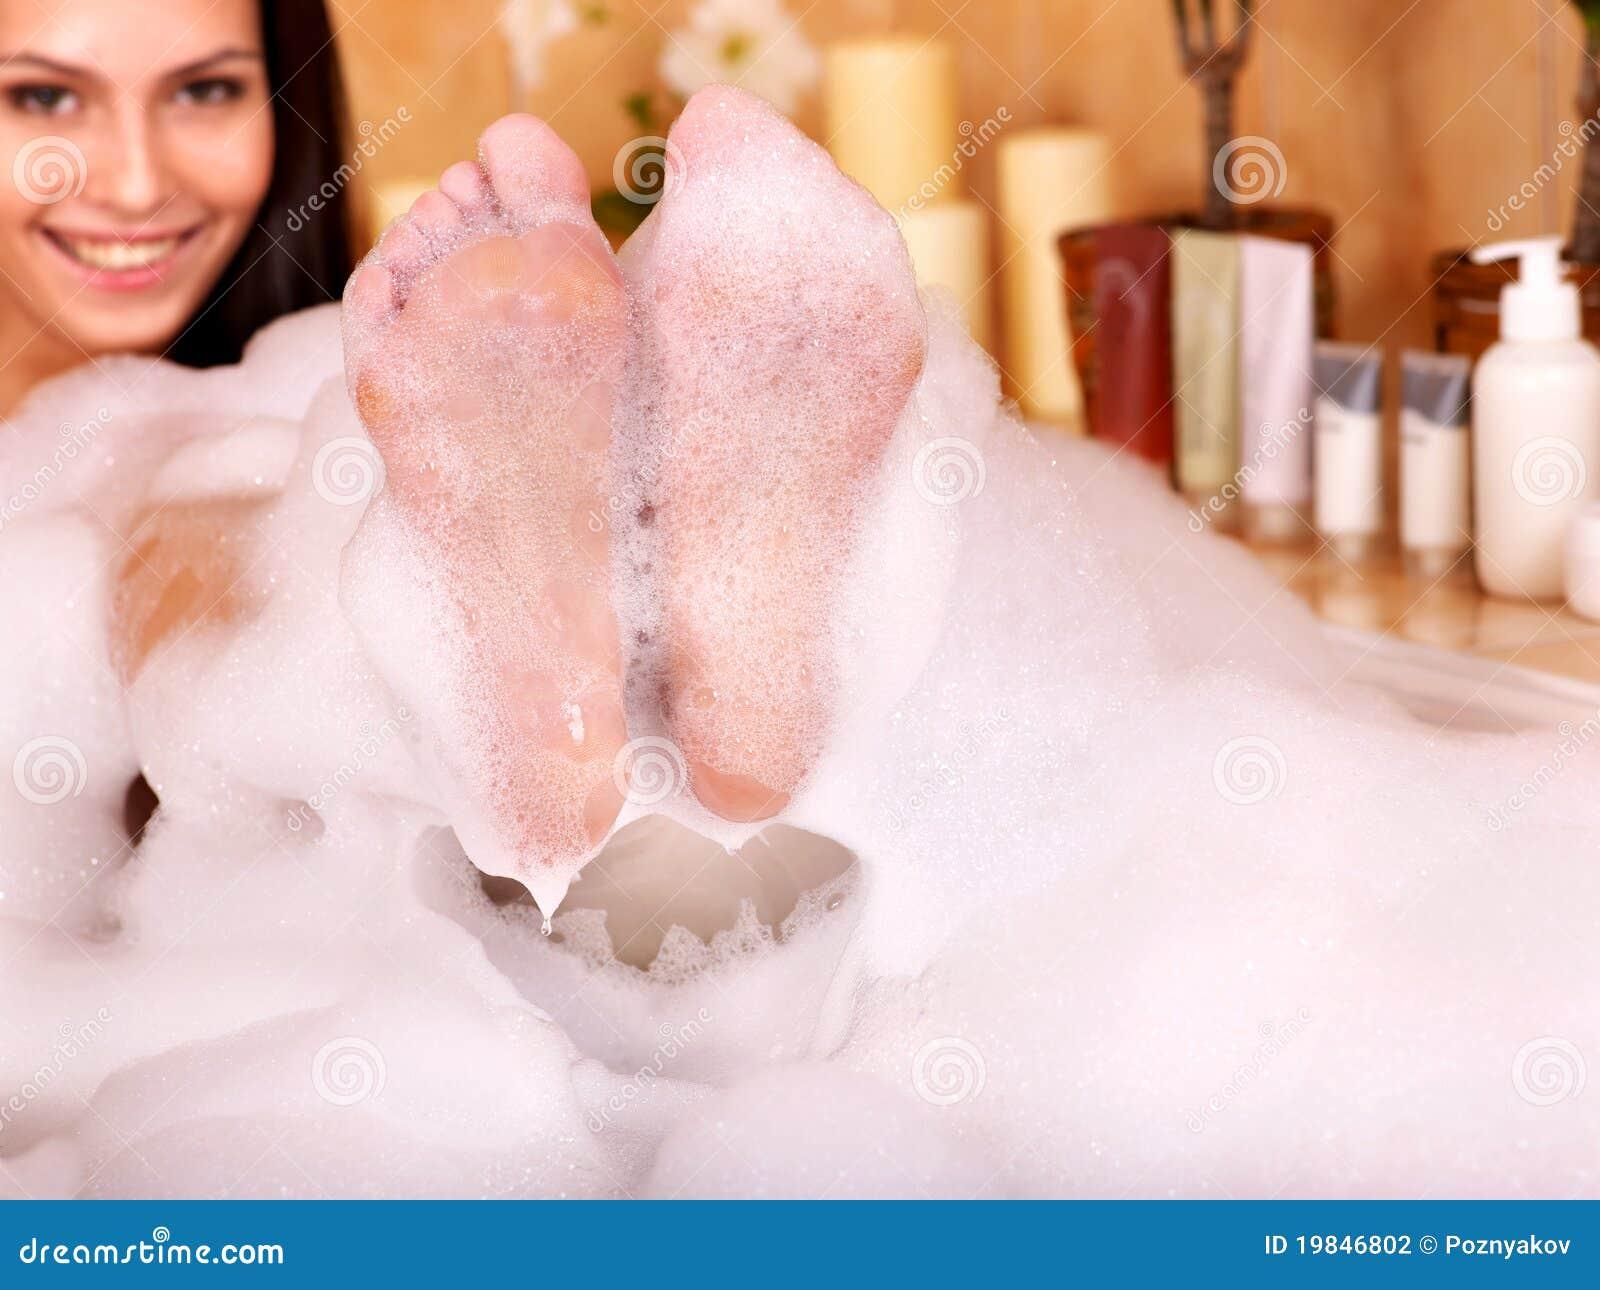 Woman Take Bubble Bath Stock Photography Image 19846802